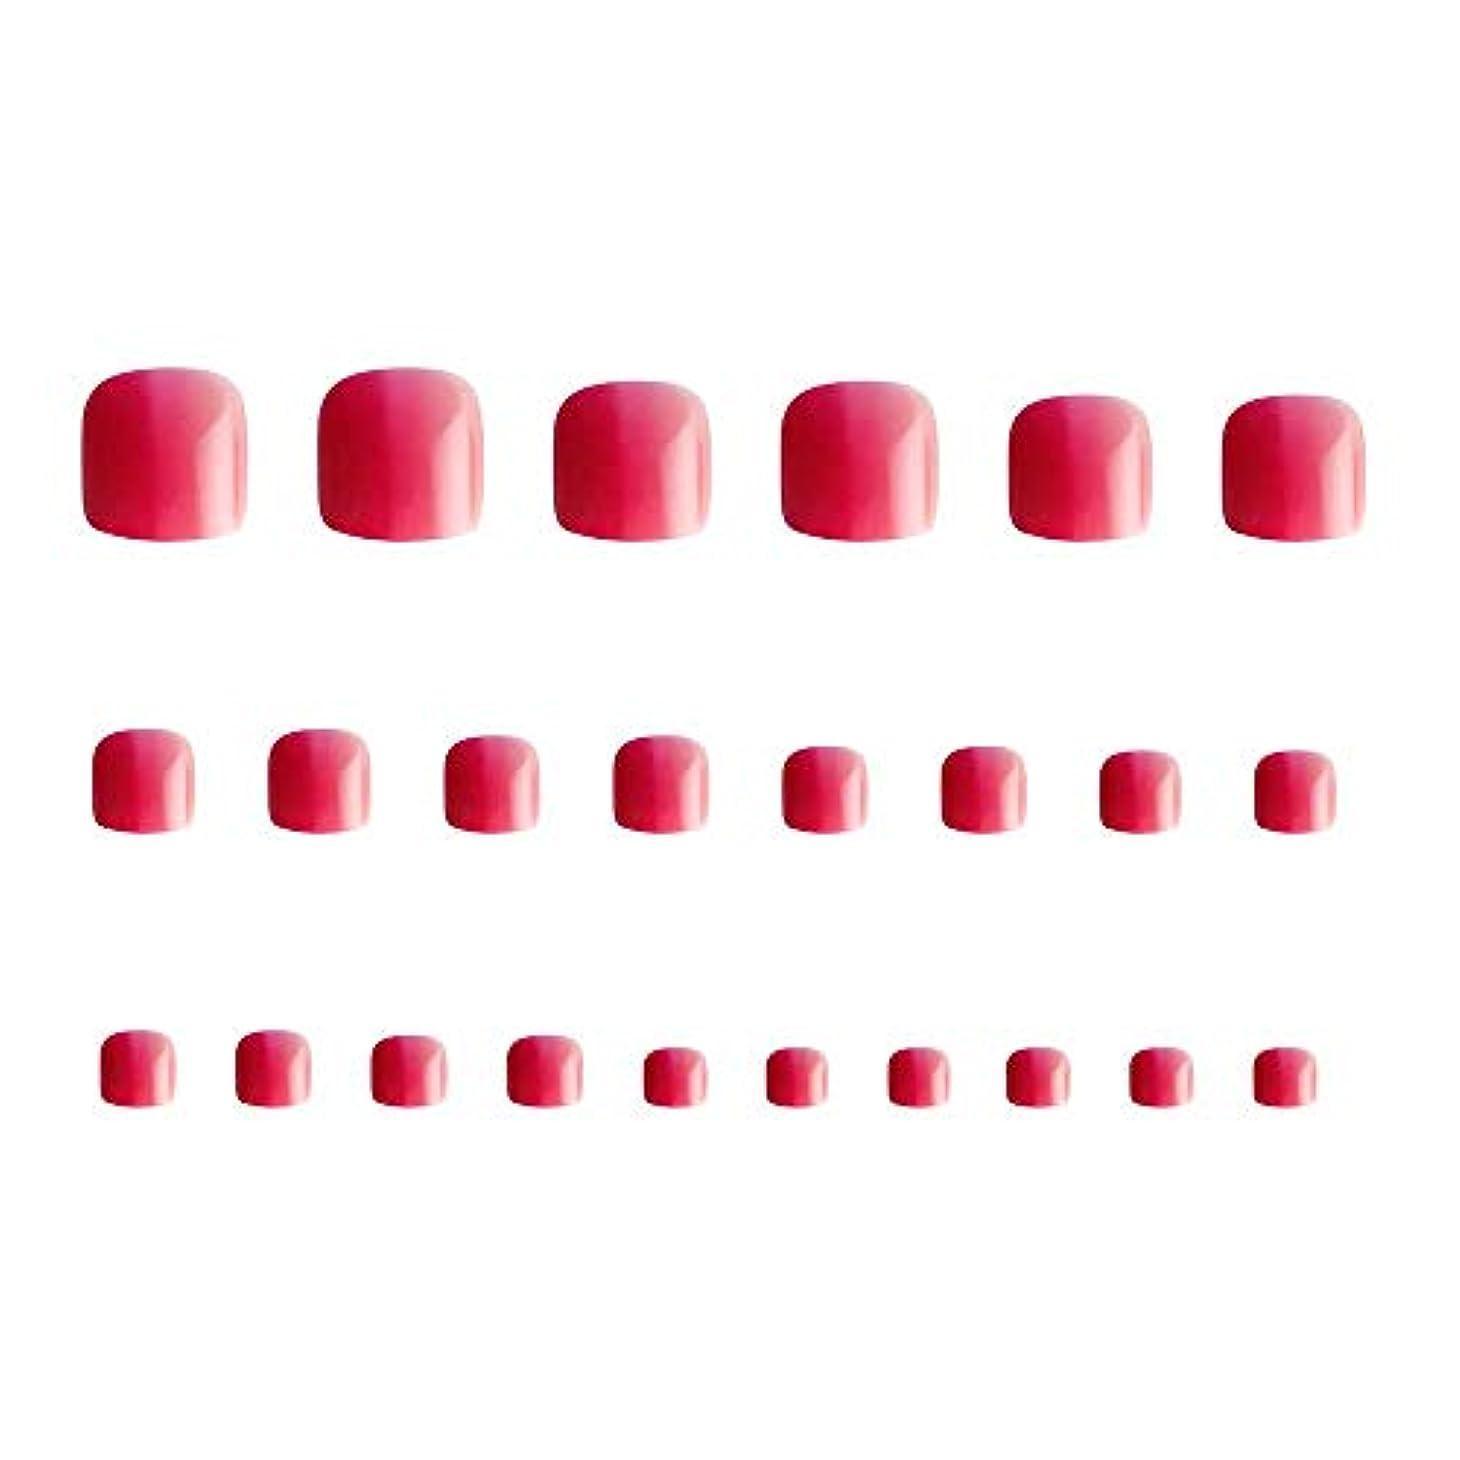 洋服会員奨励します24枚 12別サイズ つや 足の爪 ピンク グラデーション 短い 四角形ネイルチップ フルカバー